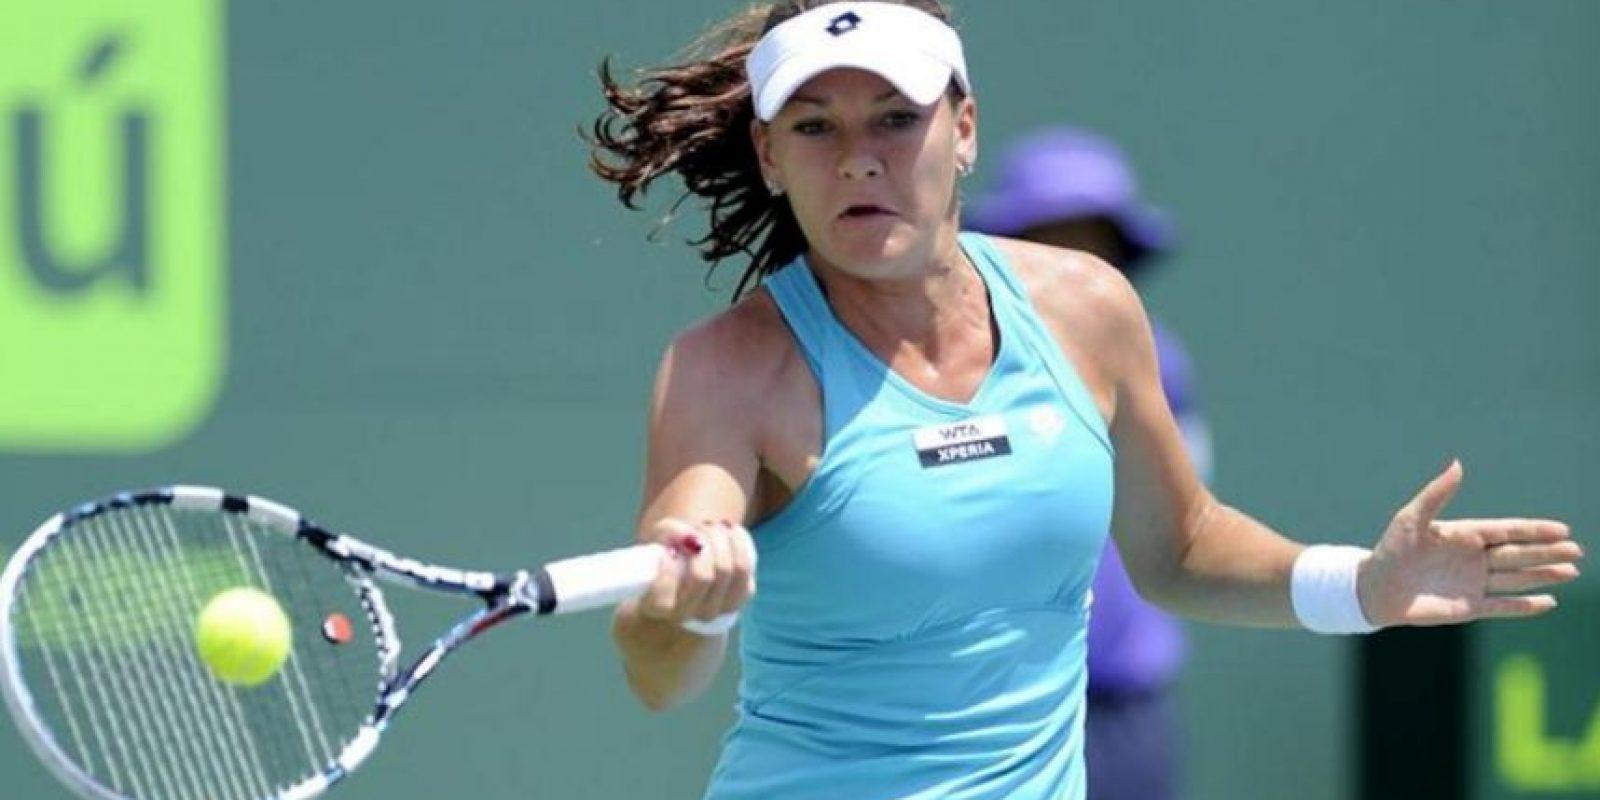 La tenista polaca Agnieszka Radwanska devuelve una bola a la rusa Maria Sharapova, durante la final del torneo de Miami, en Cayo Vizcaíno, Florida. Radwanska se impuso, con parciales 7-5 y 6-4, para ganar el certamen. EFE